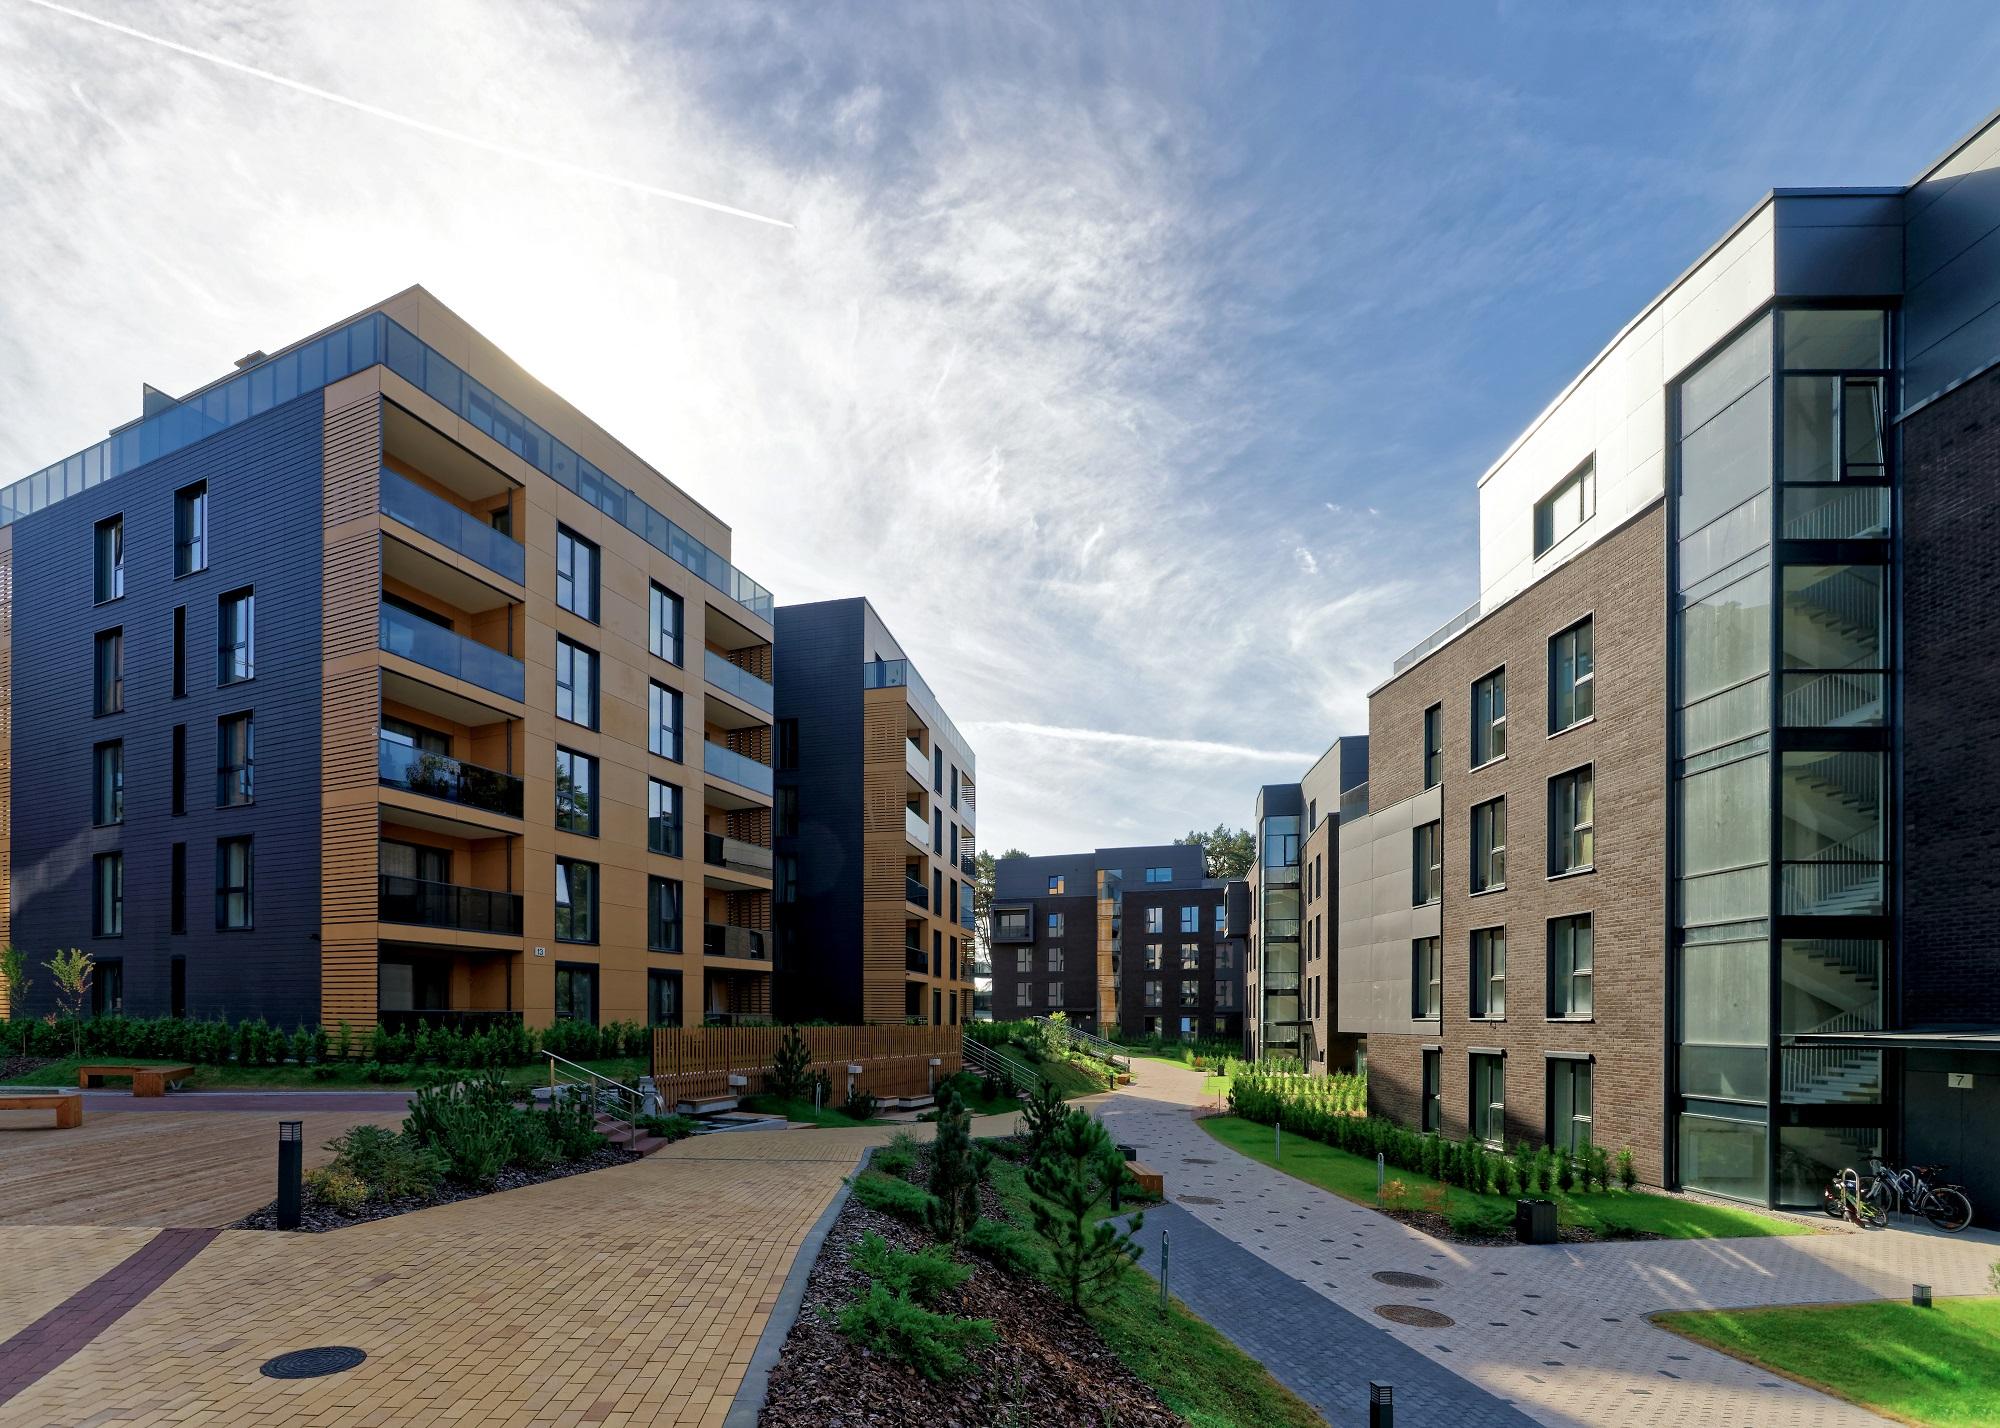 La reprise de l'immobilier neuf est-elle menacée ?